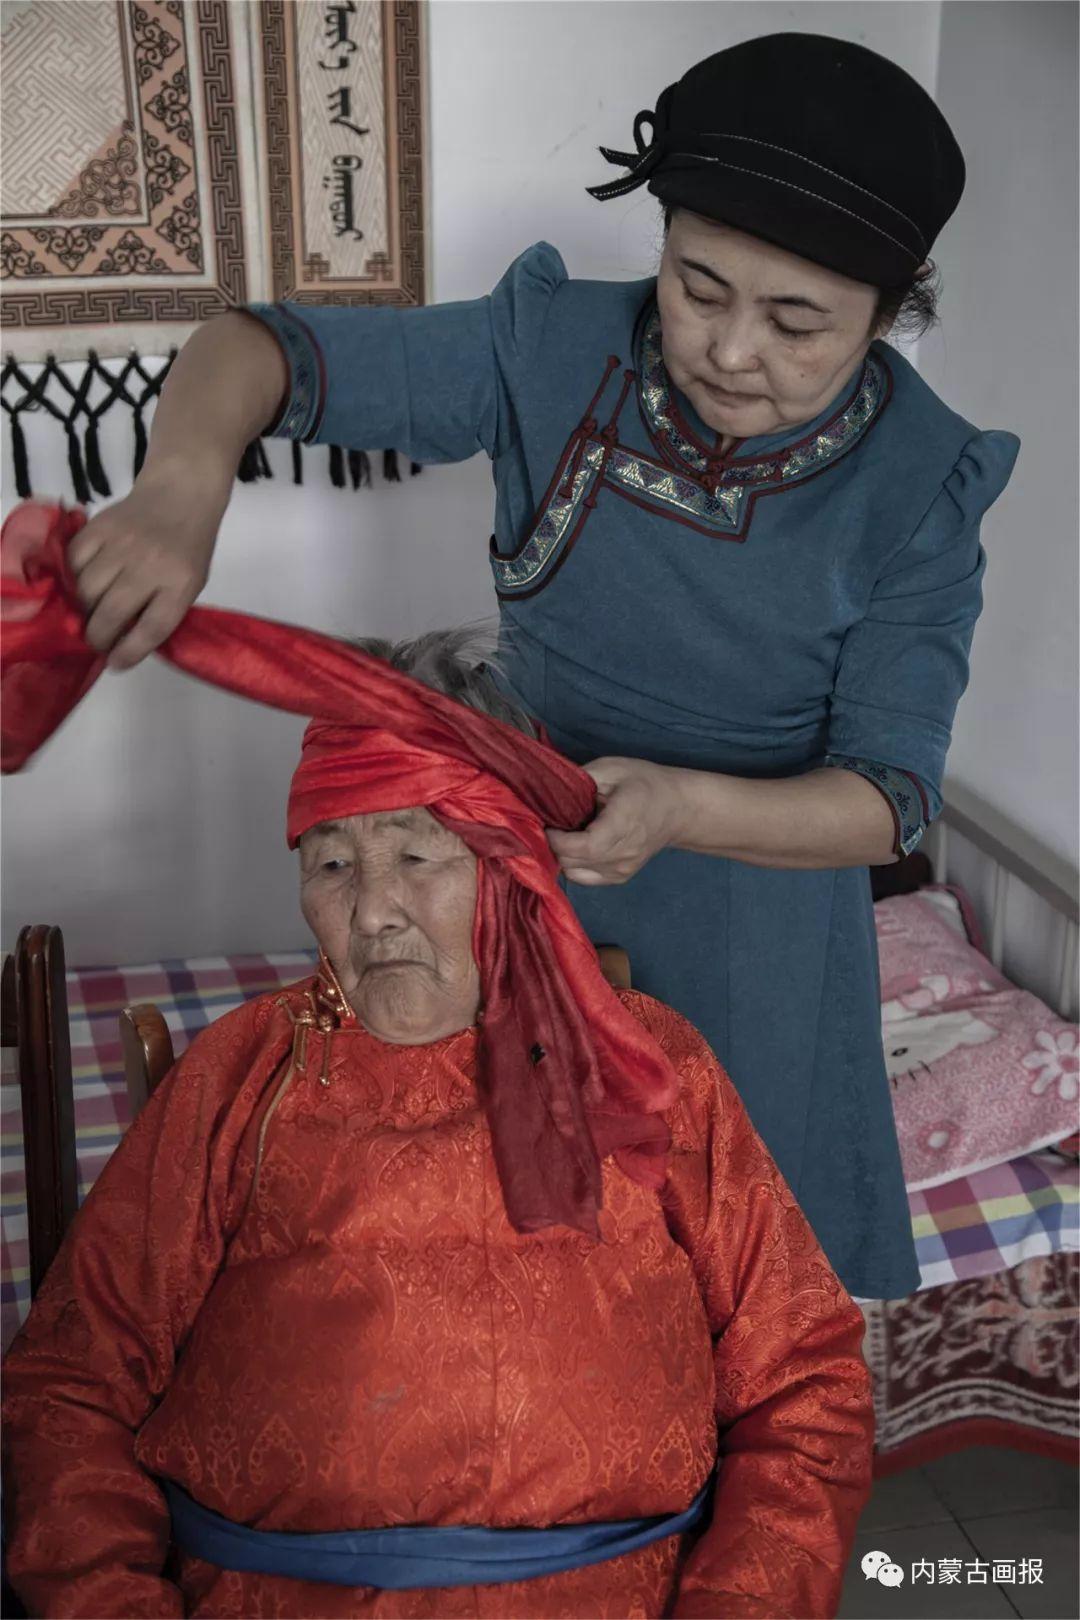 牧民的小年 第10张 牧民的小年 蒙古文化